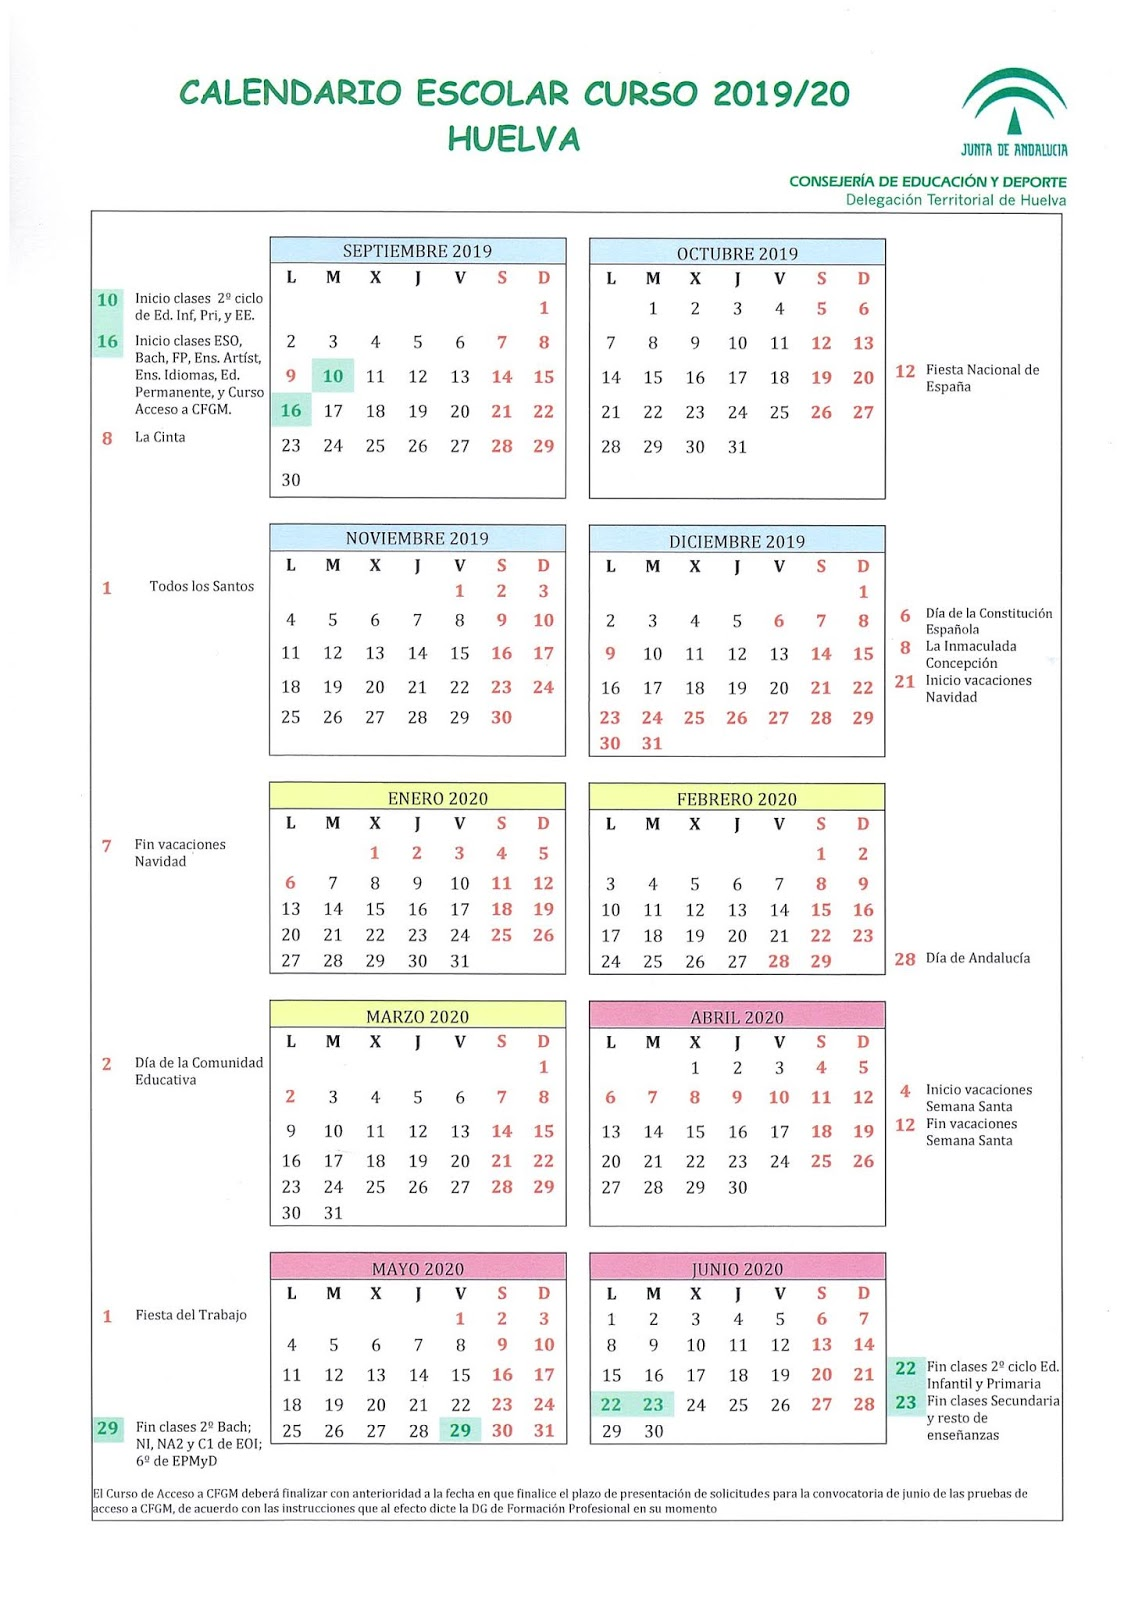 Calendario Escolar Andalucia 2020.Calendario Escolar Curso 2019 20 C E I P Sanchez Arjona